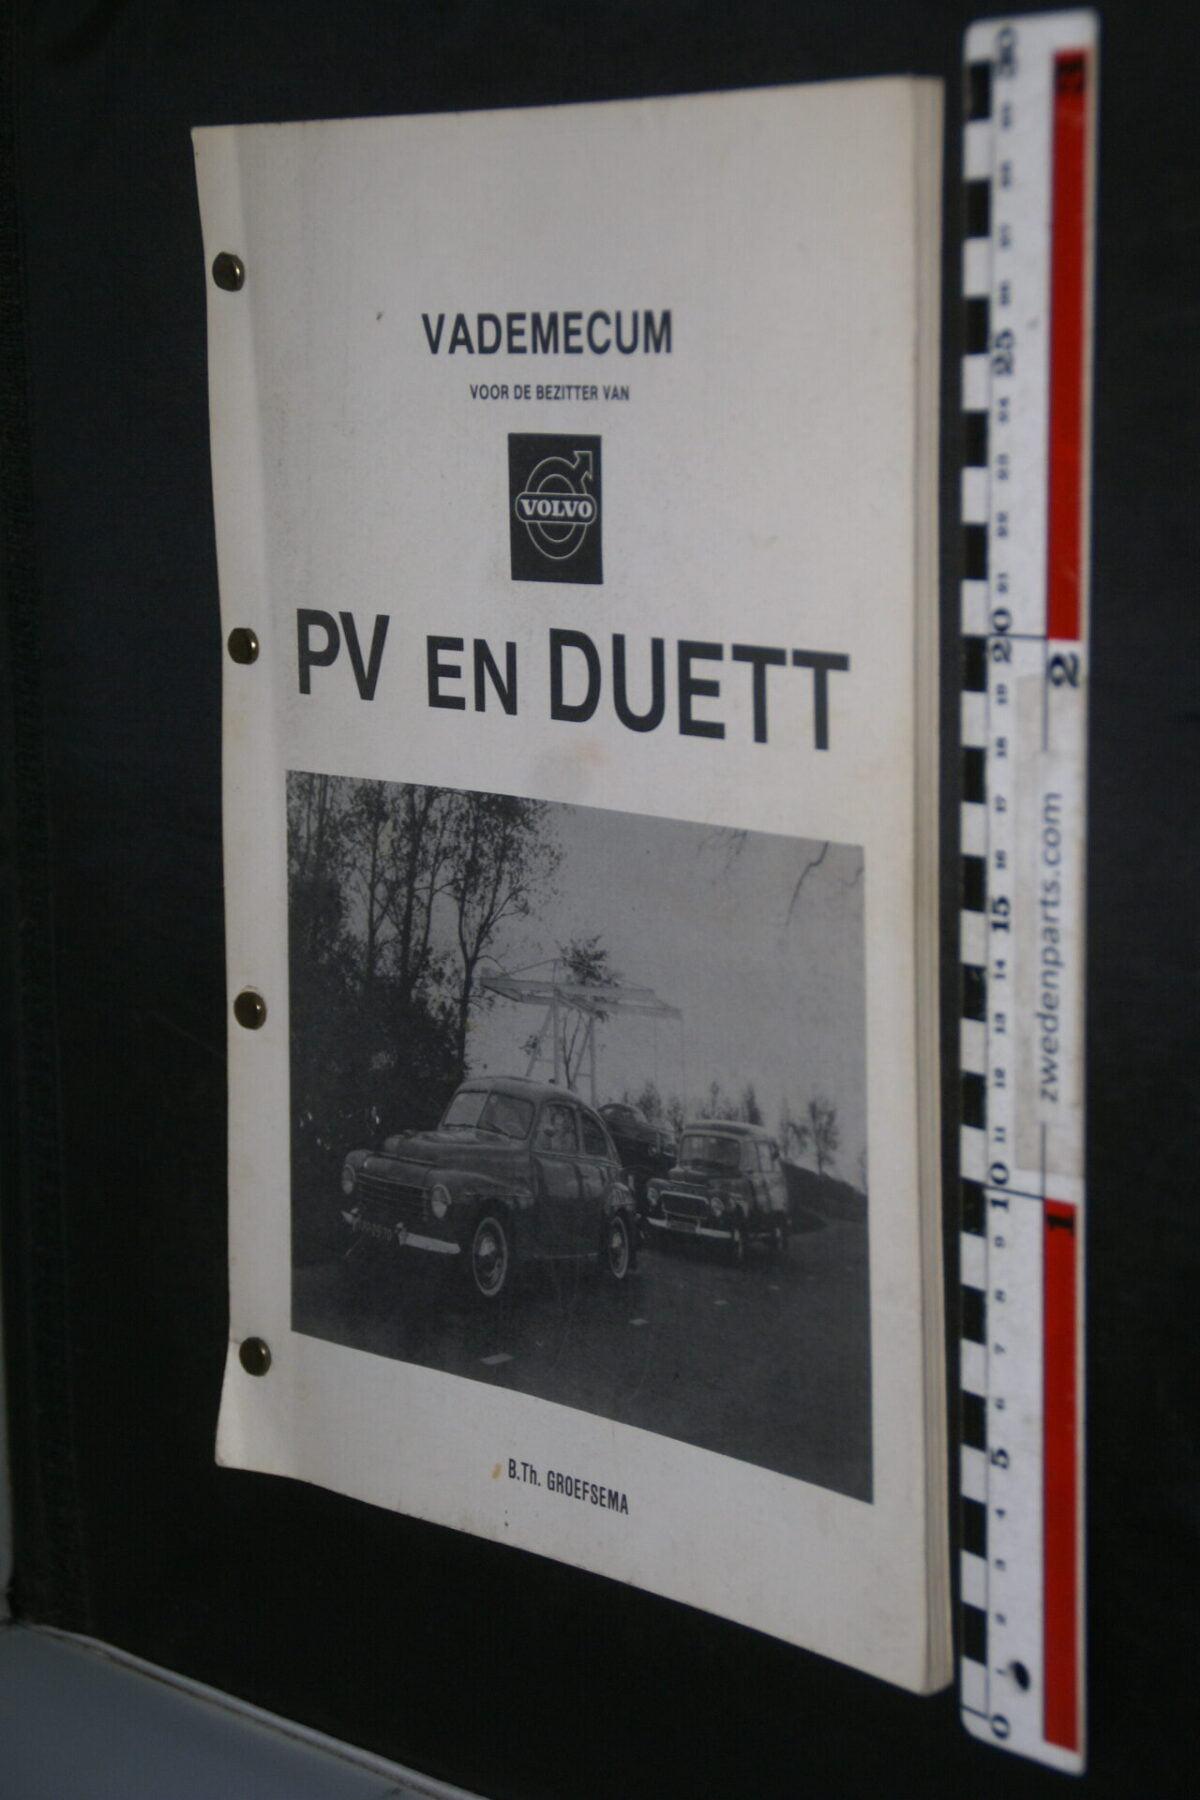 DSC09180 1981 Vademecum Volvo PV en Duett, 2e druk